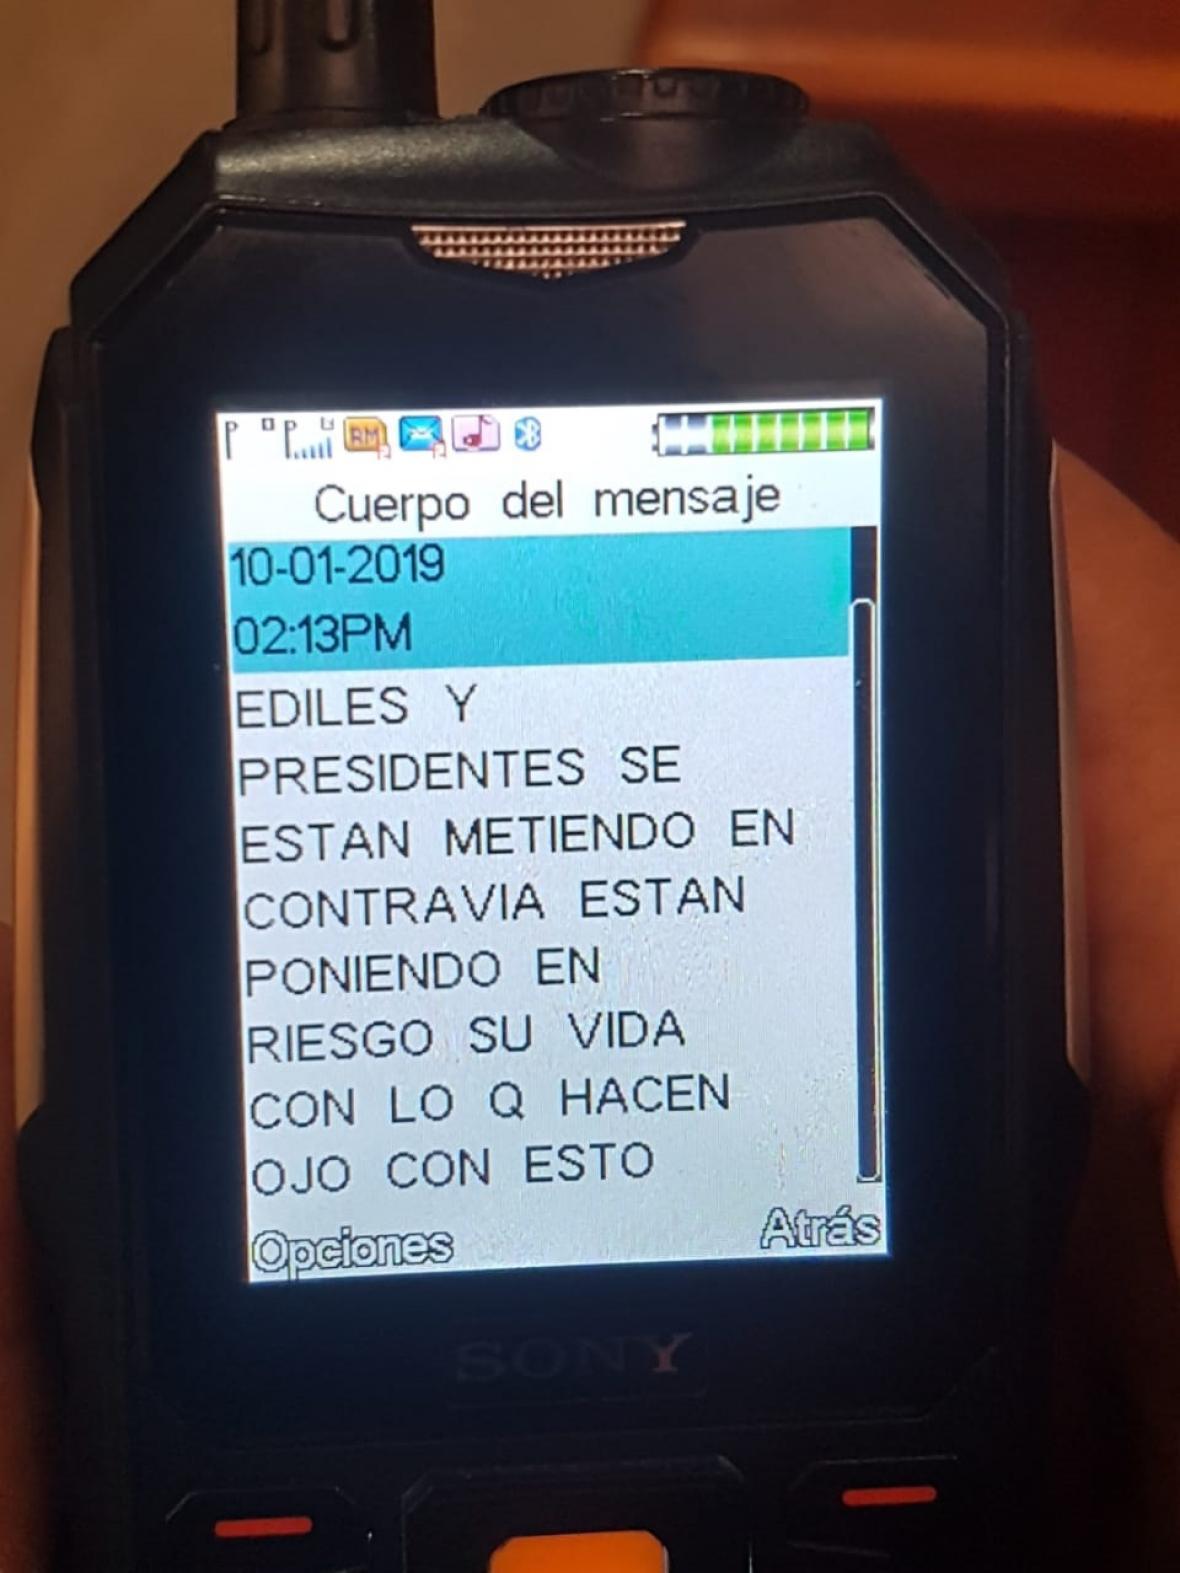 La amenaza enviada a los ediles y comunales a través de celular.